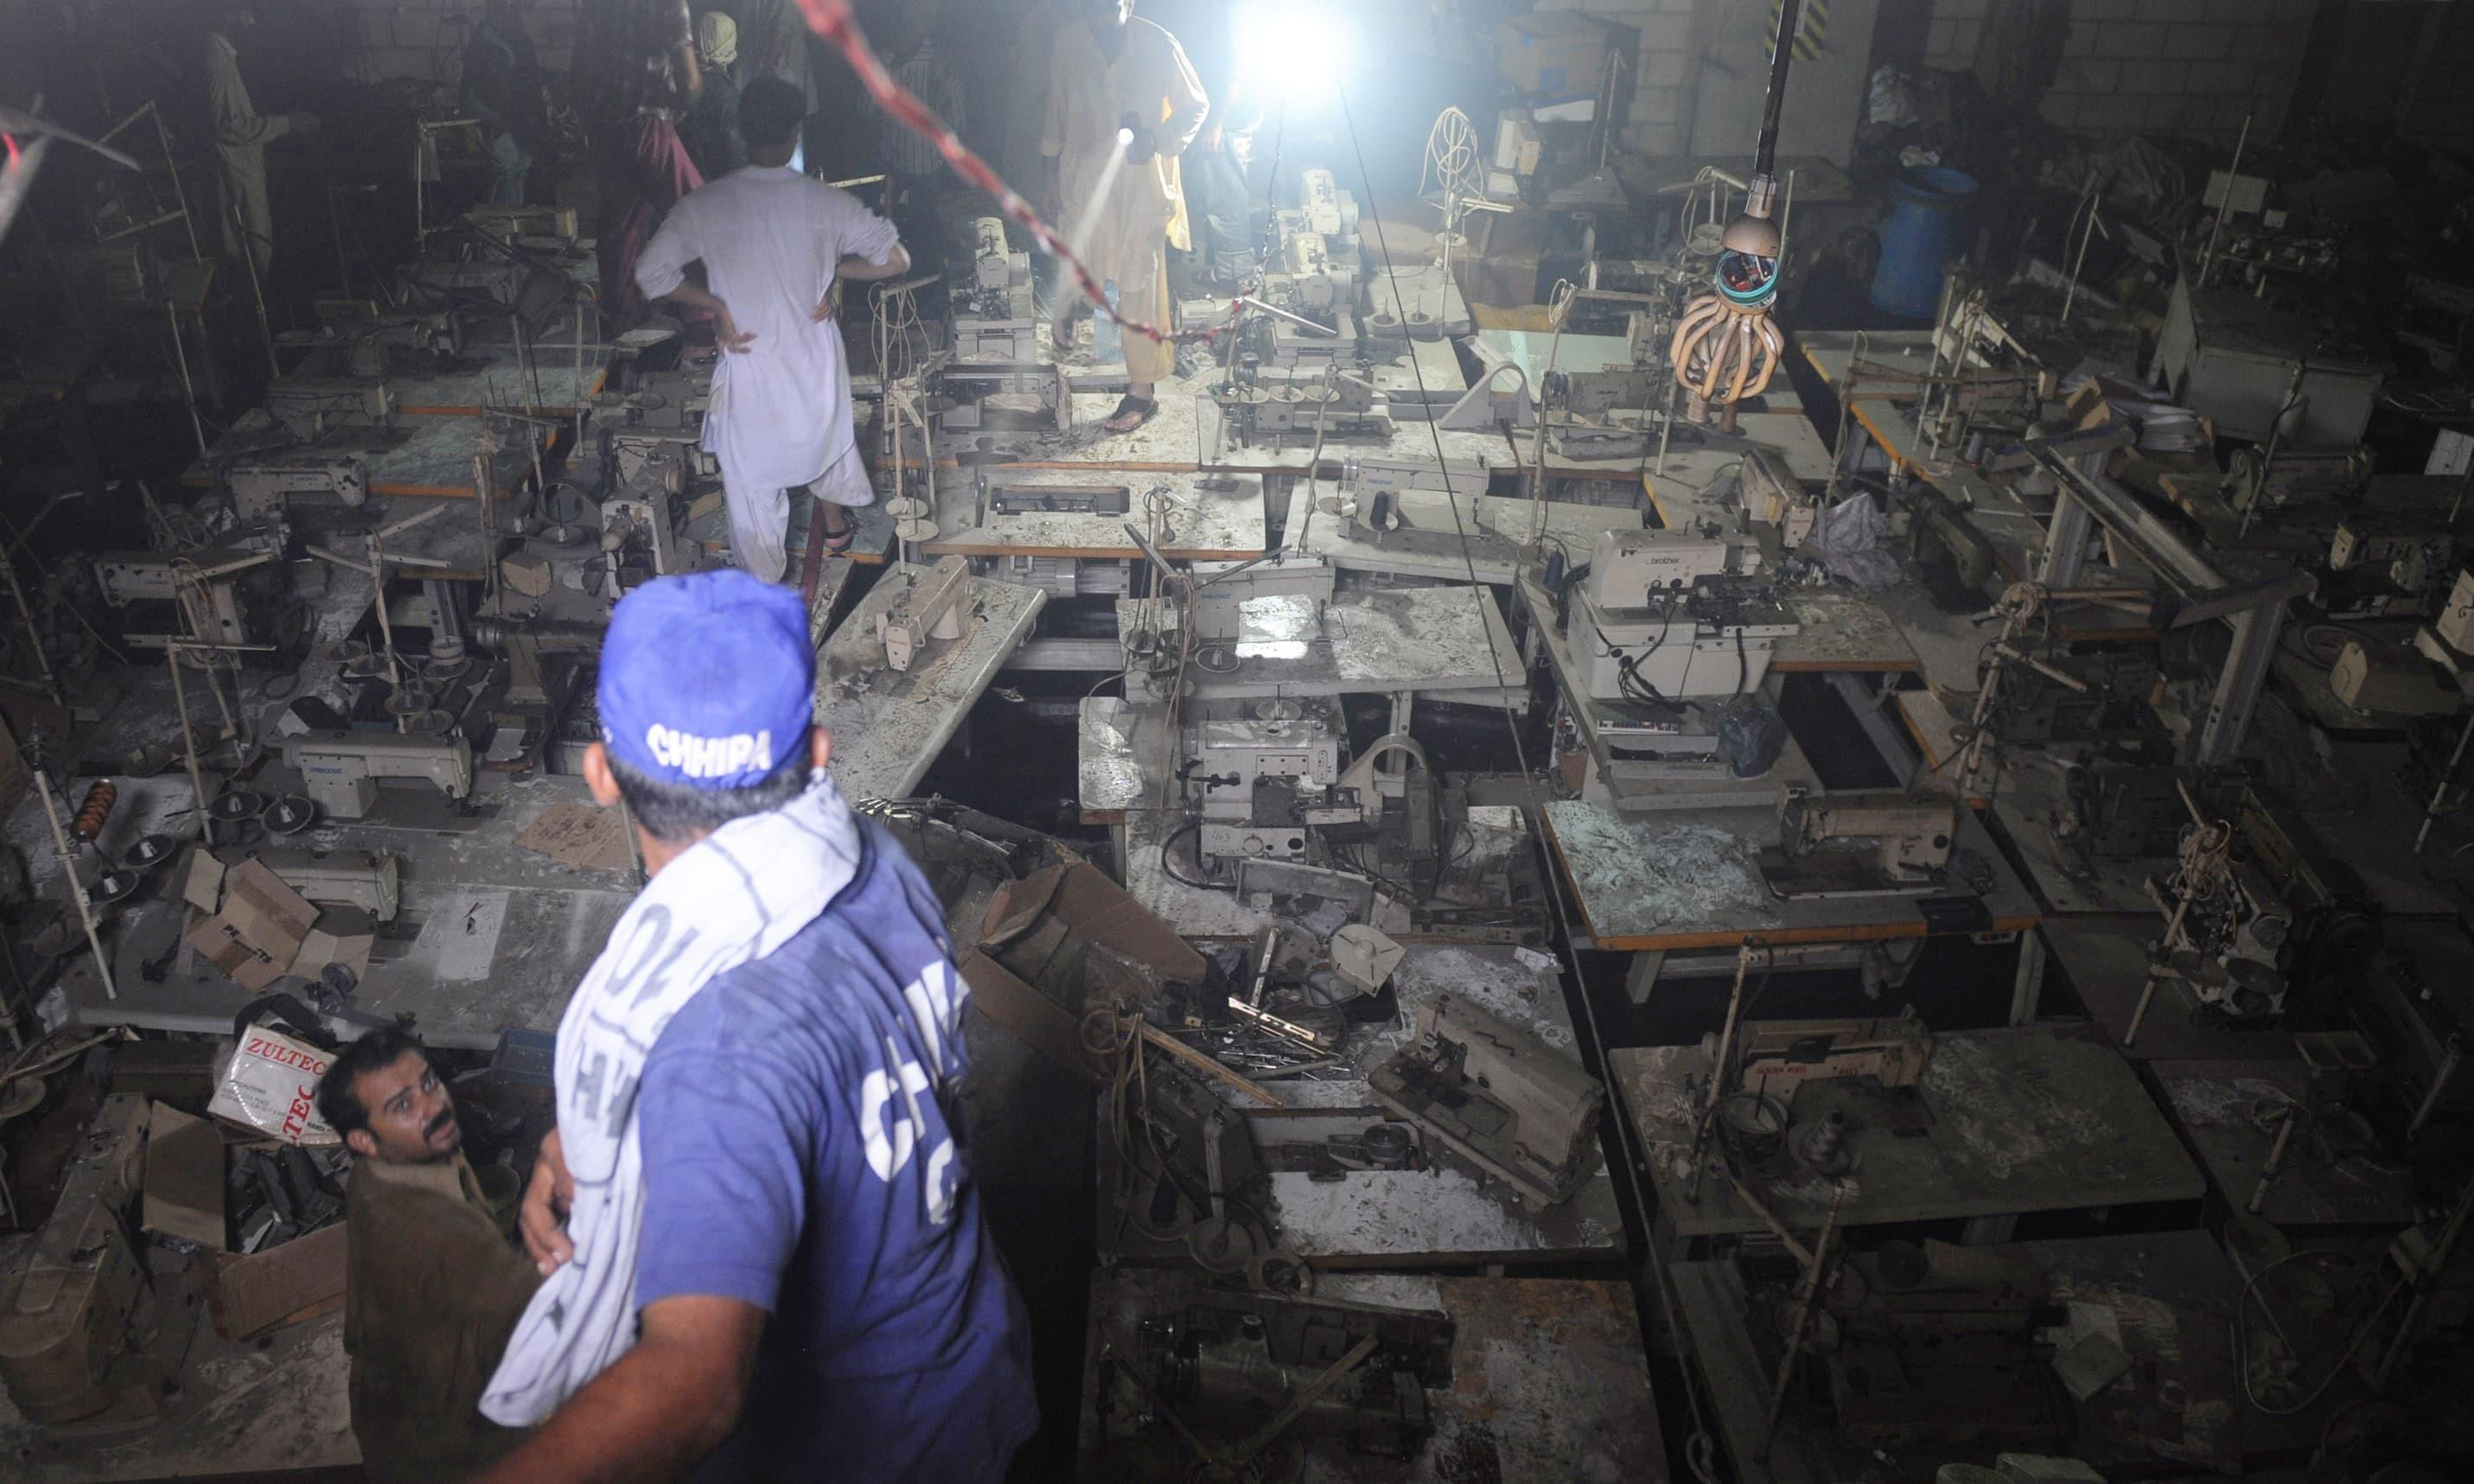 علی انٹرپرائزز میں ستمبر 2012 میں آگ لگی تھی—فائل فوٹو: اے ایف پی